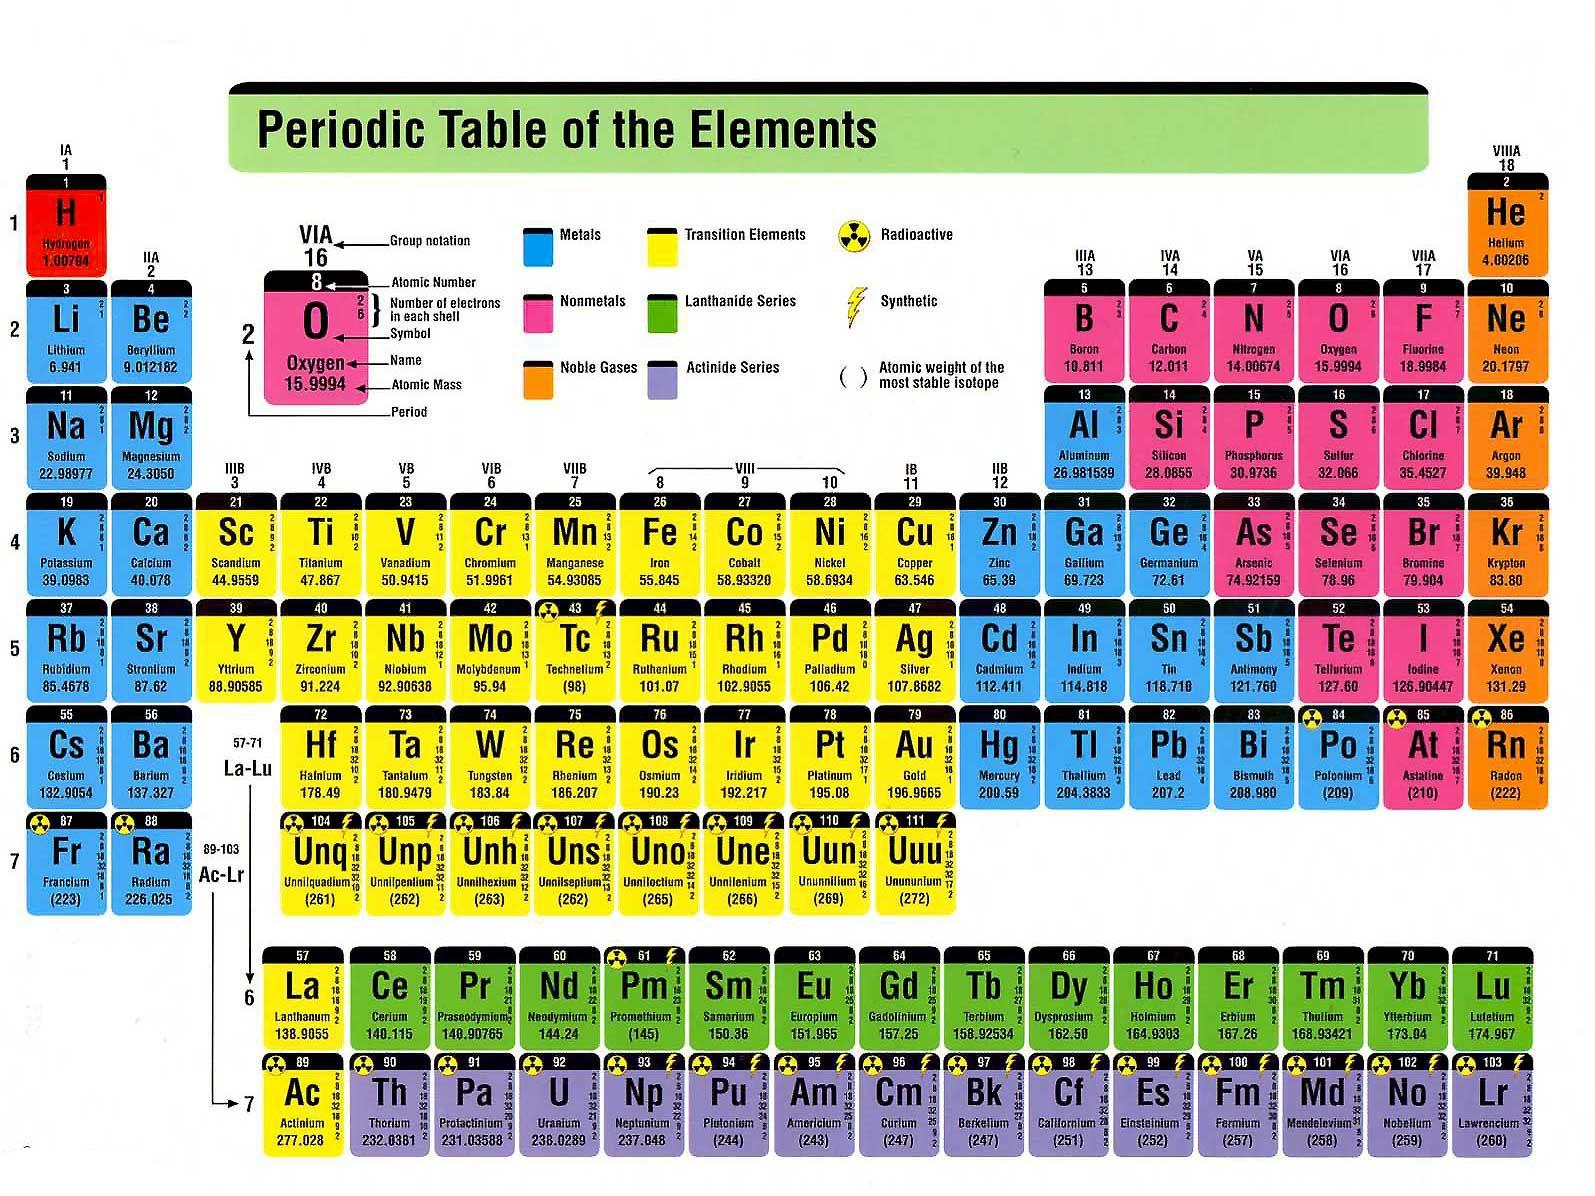 Chemistry periodic chart httpwilliamsclass chemistry periodic chart httpwilliamsclasseighthsciencework periodic20chartm urtaz Gallery